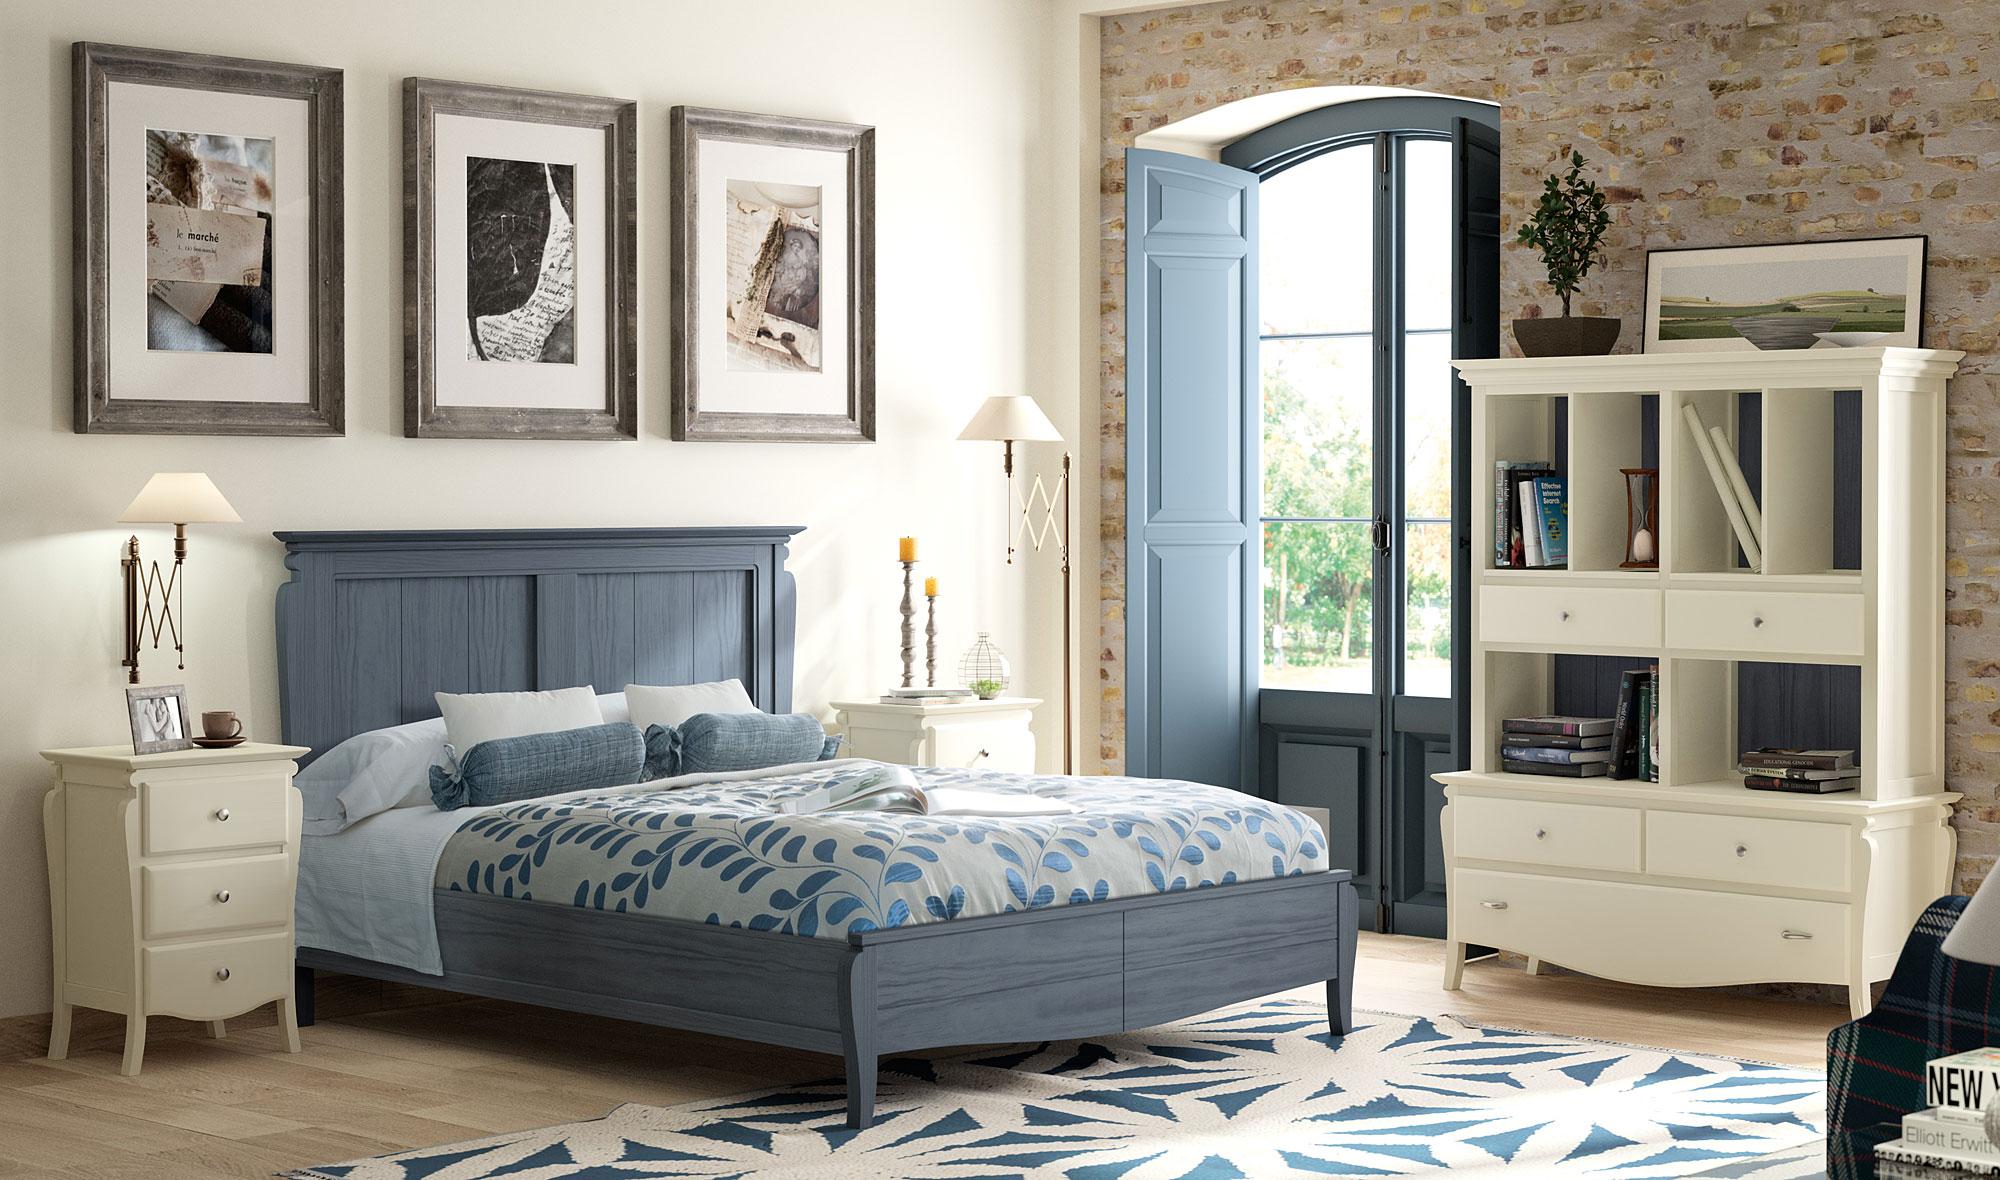 Dormitorio provenzal mediterr neo de lujo en - Muebles de dormitorio blancos ...